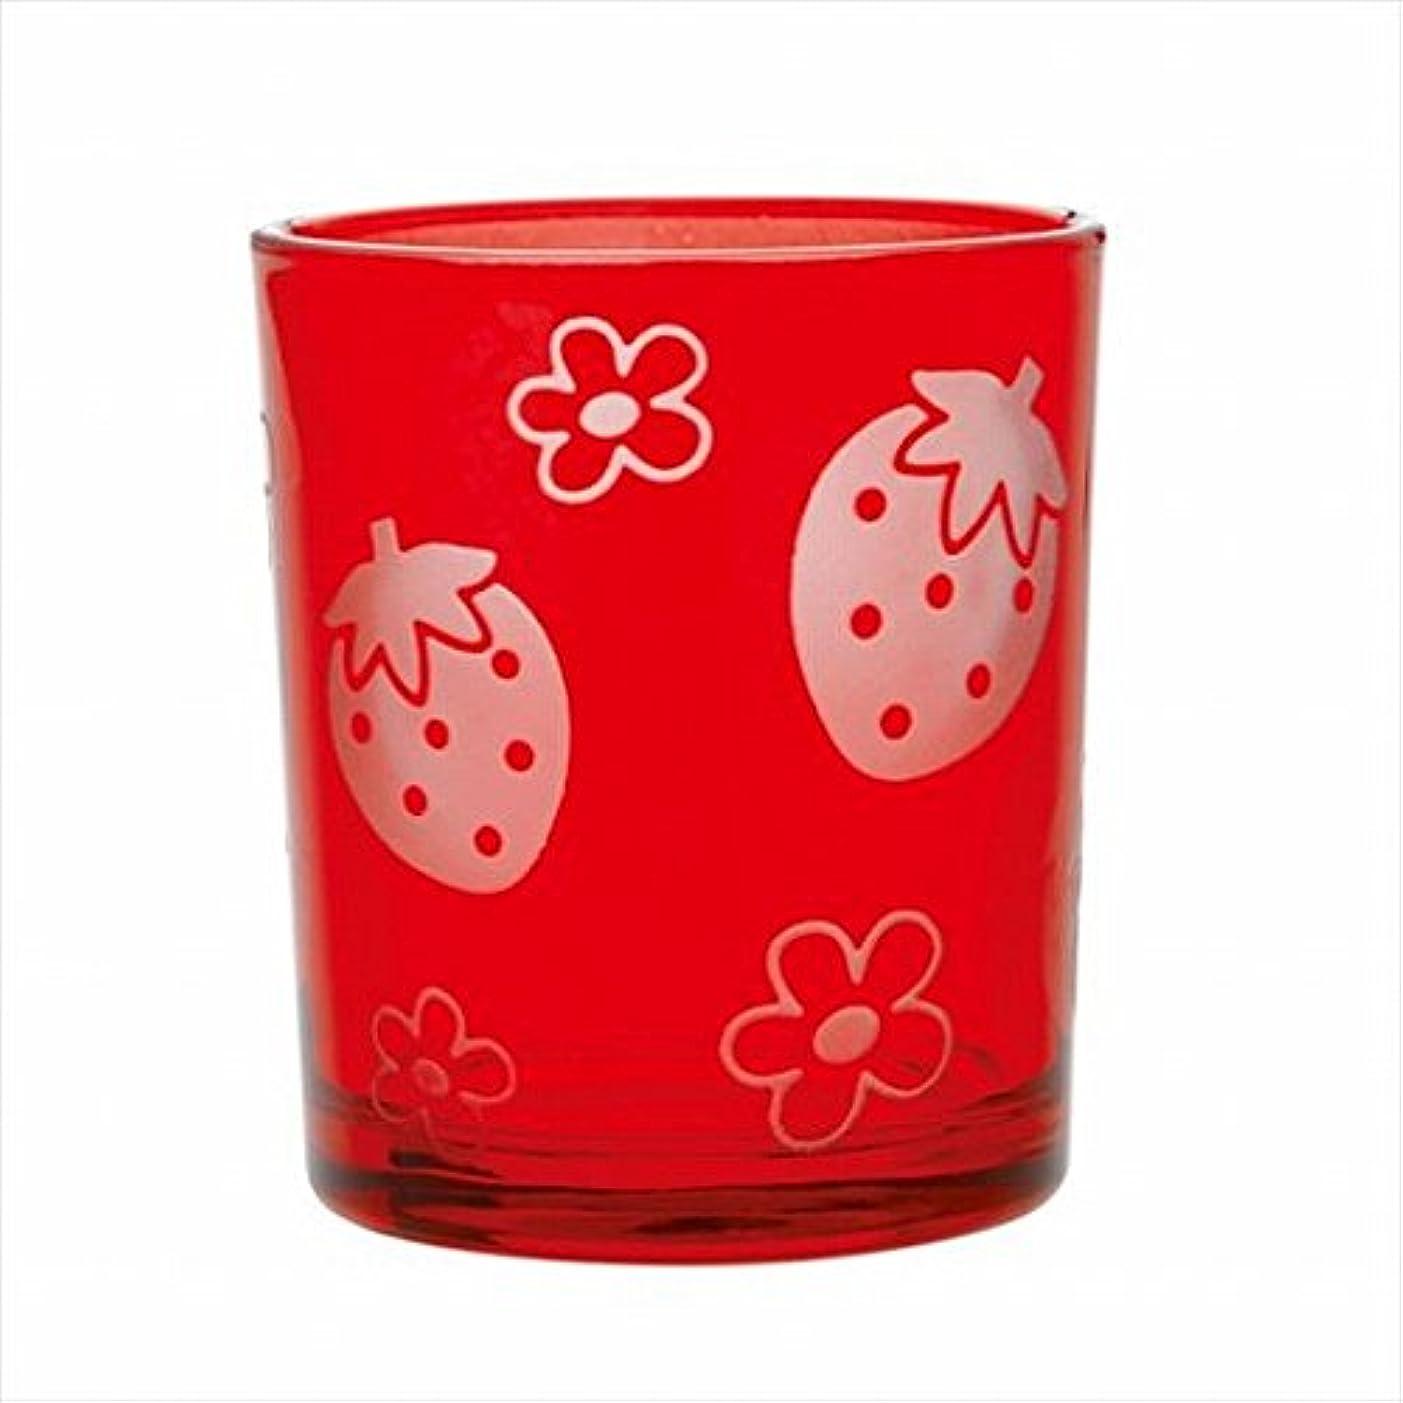 赤字クライマックス終わりsweets candle いちごフロストカップ 「 レッド 」